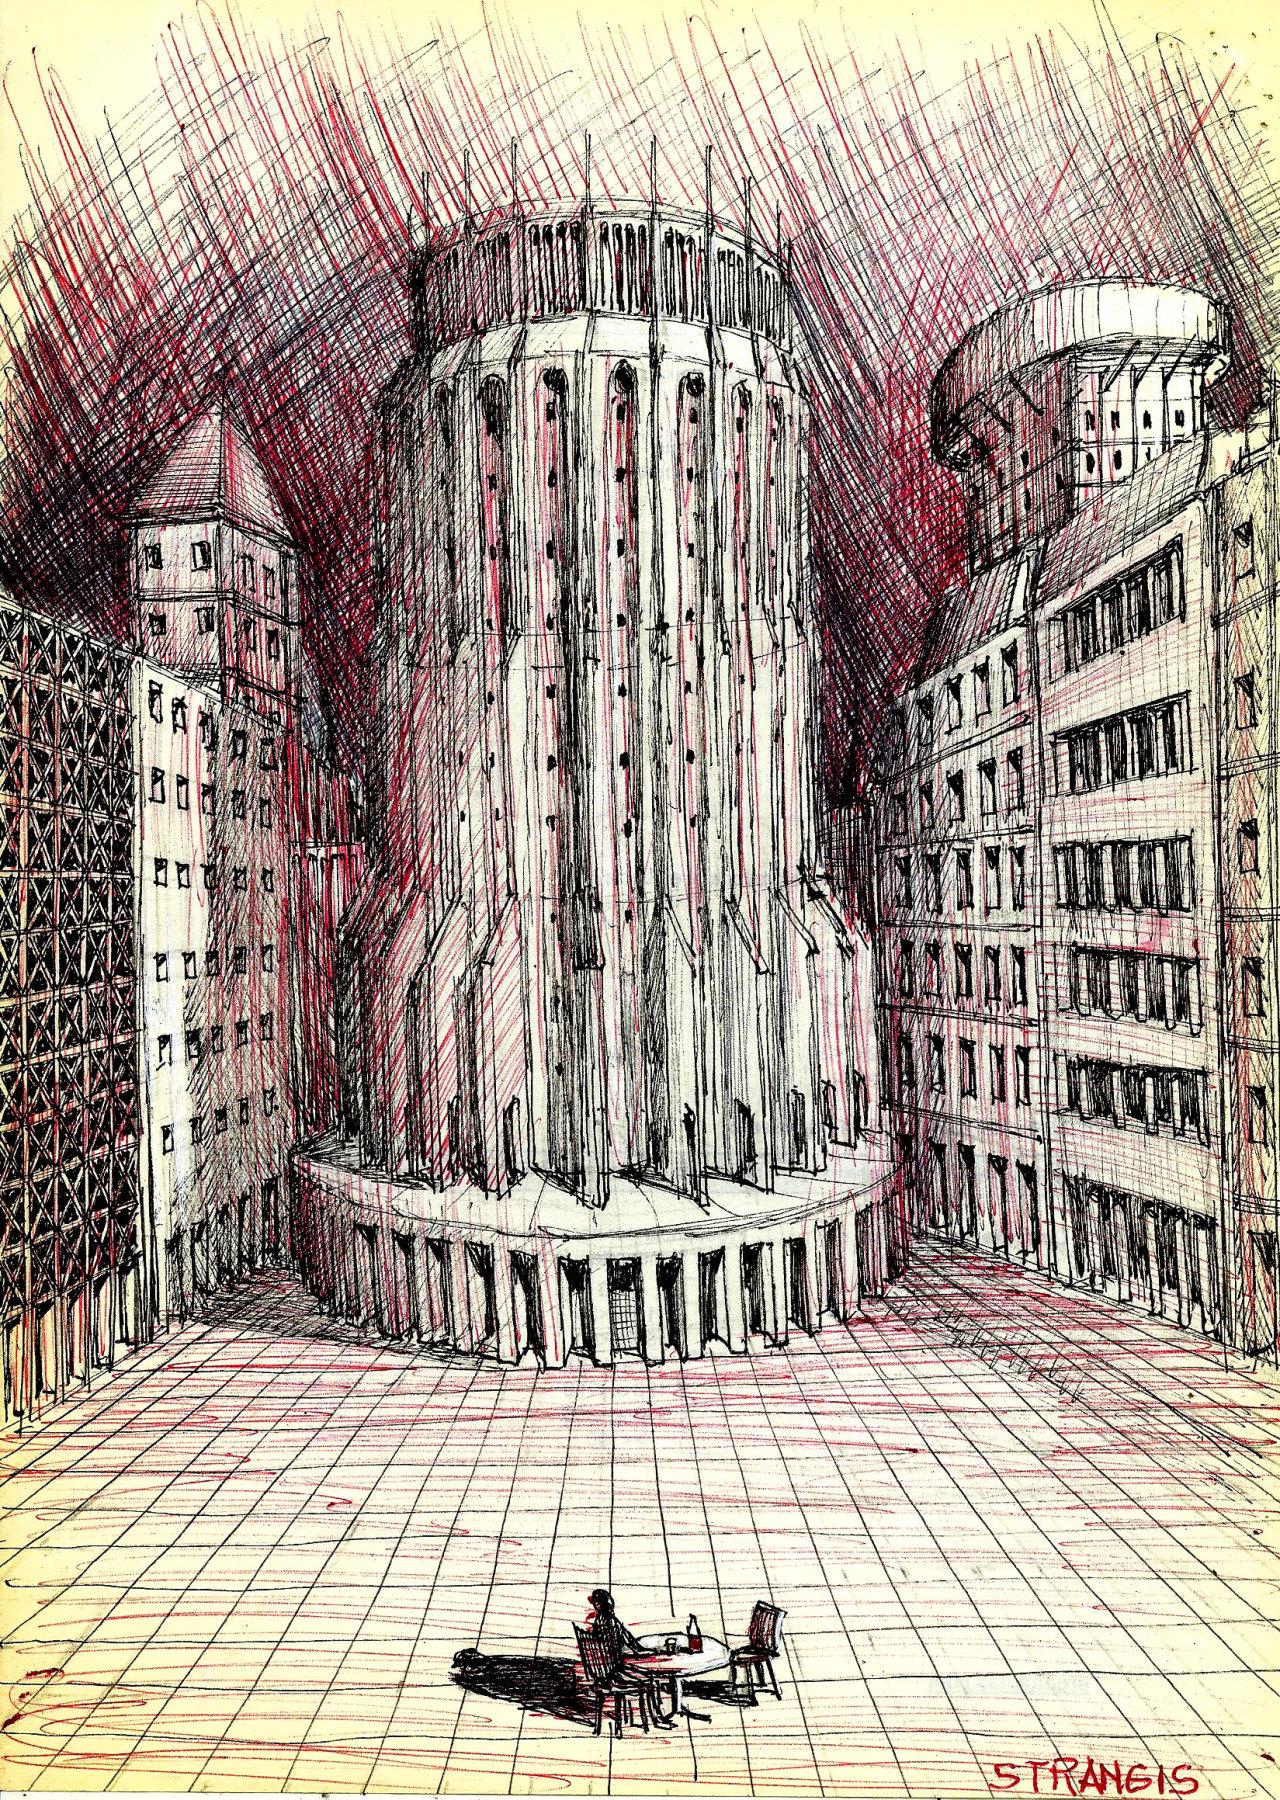 Un hombre solo, bebe y espera en la ciudad vacìa 2020 Serie  Negro y rojo A.L.Moure Strangis #sketch#metaphysical#drawing#imaginary city #artists on tumblr